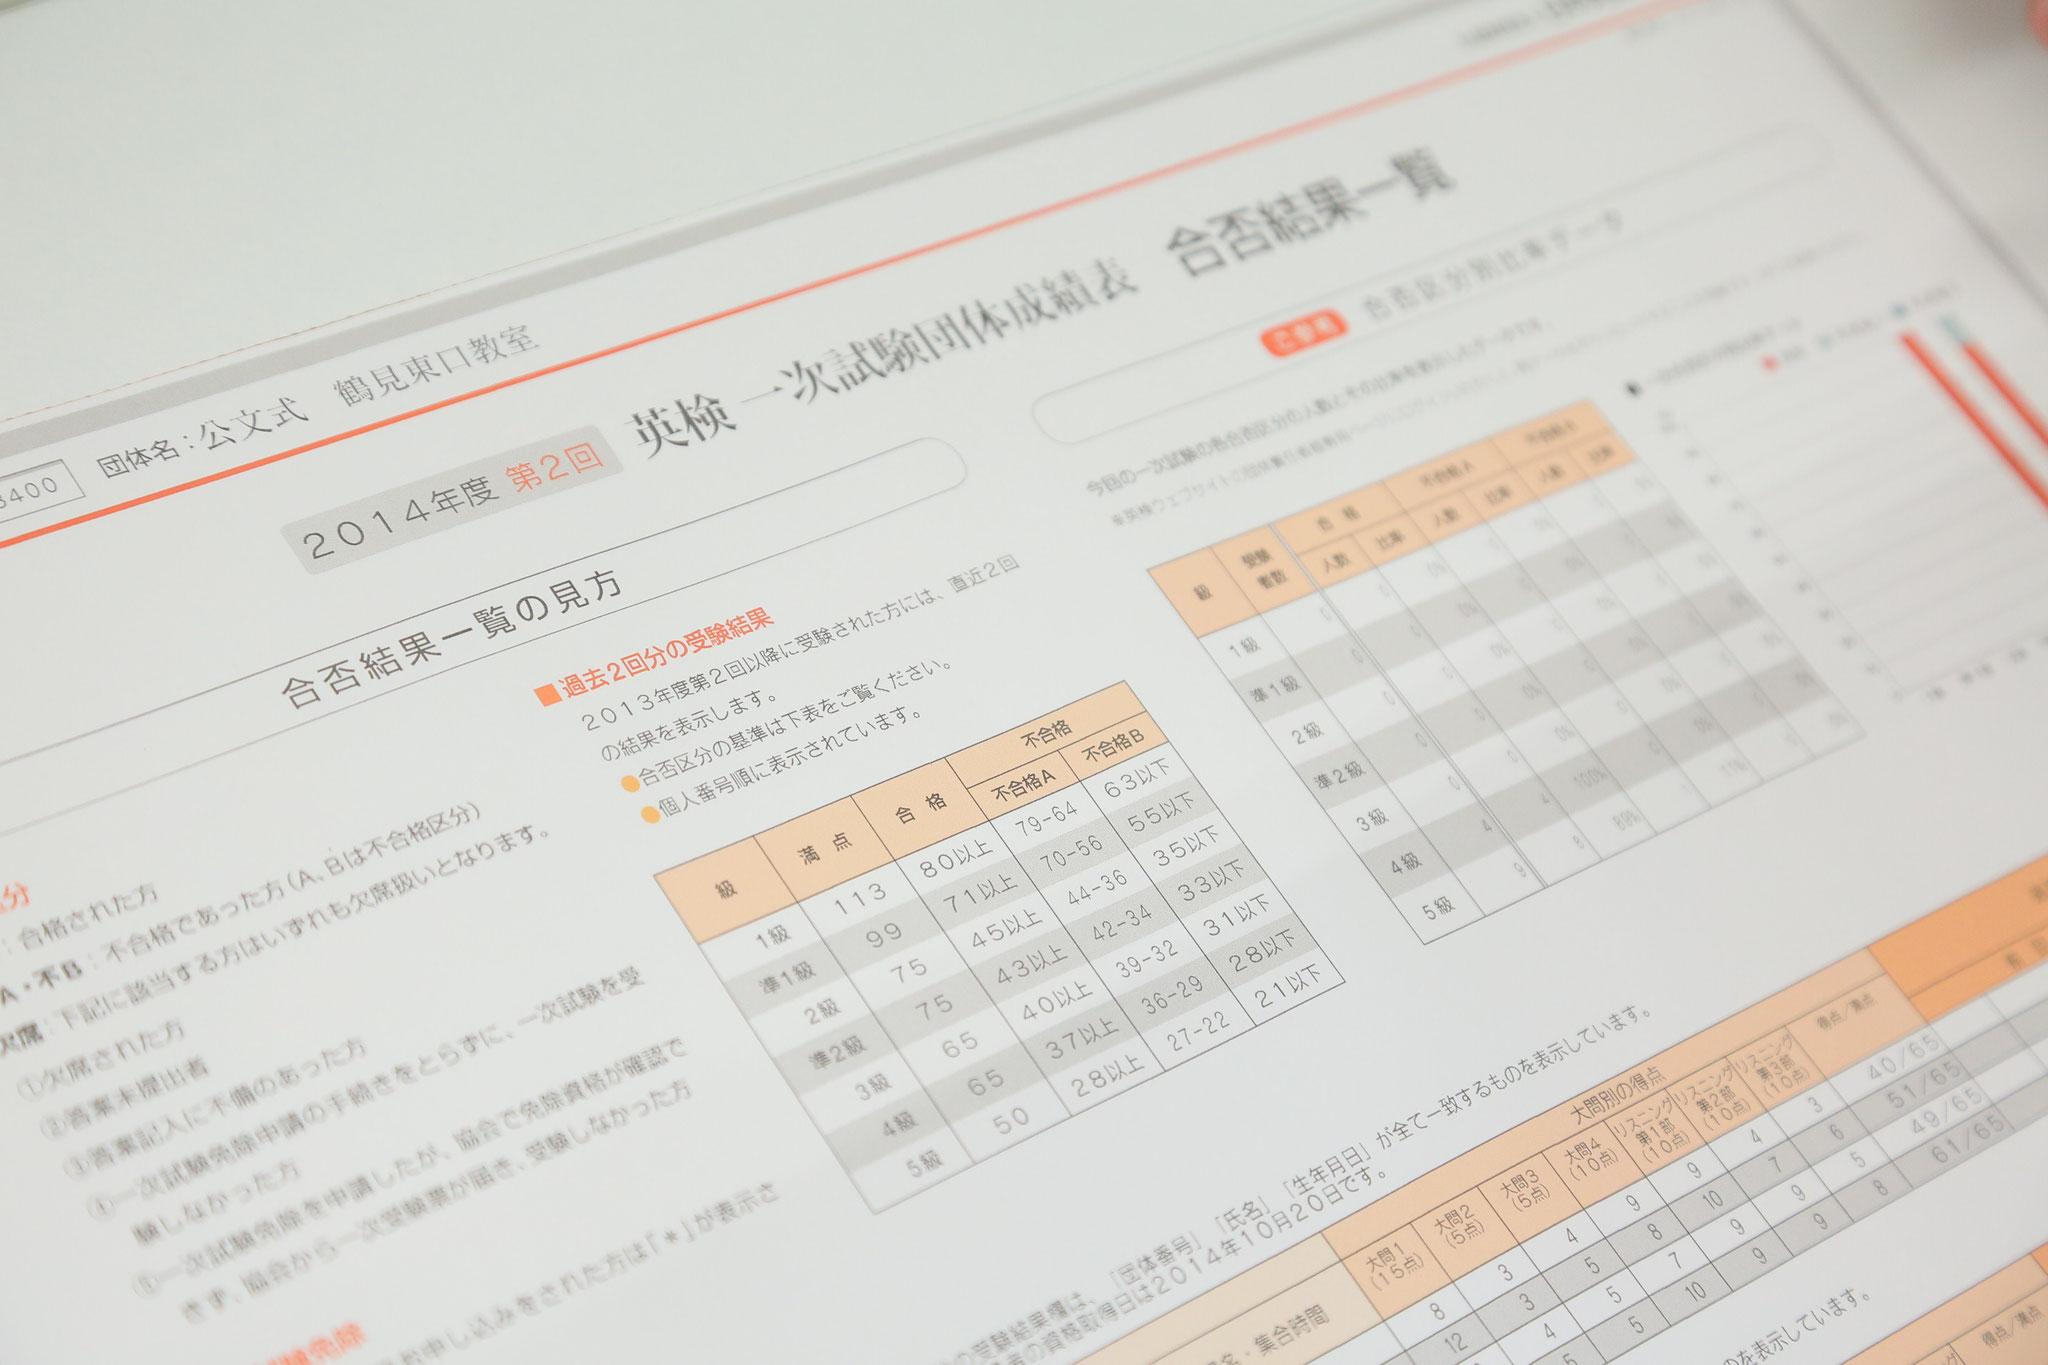 英語技能検定恵試験準会場!(慣れた会場で受験するから高い合格率です)